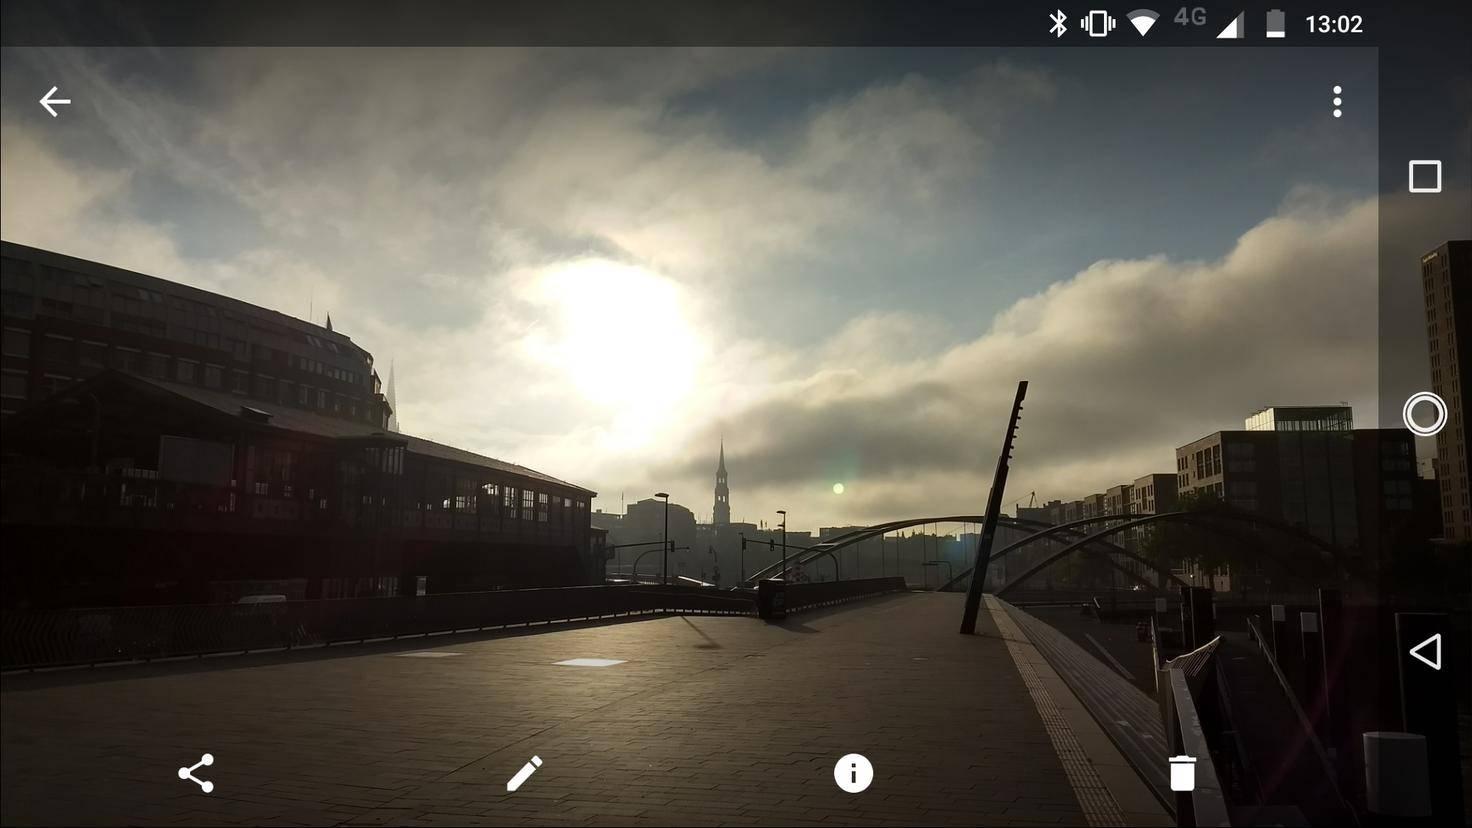 Google-Fotos-06